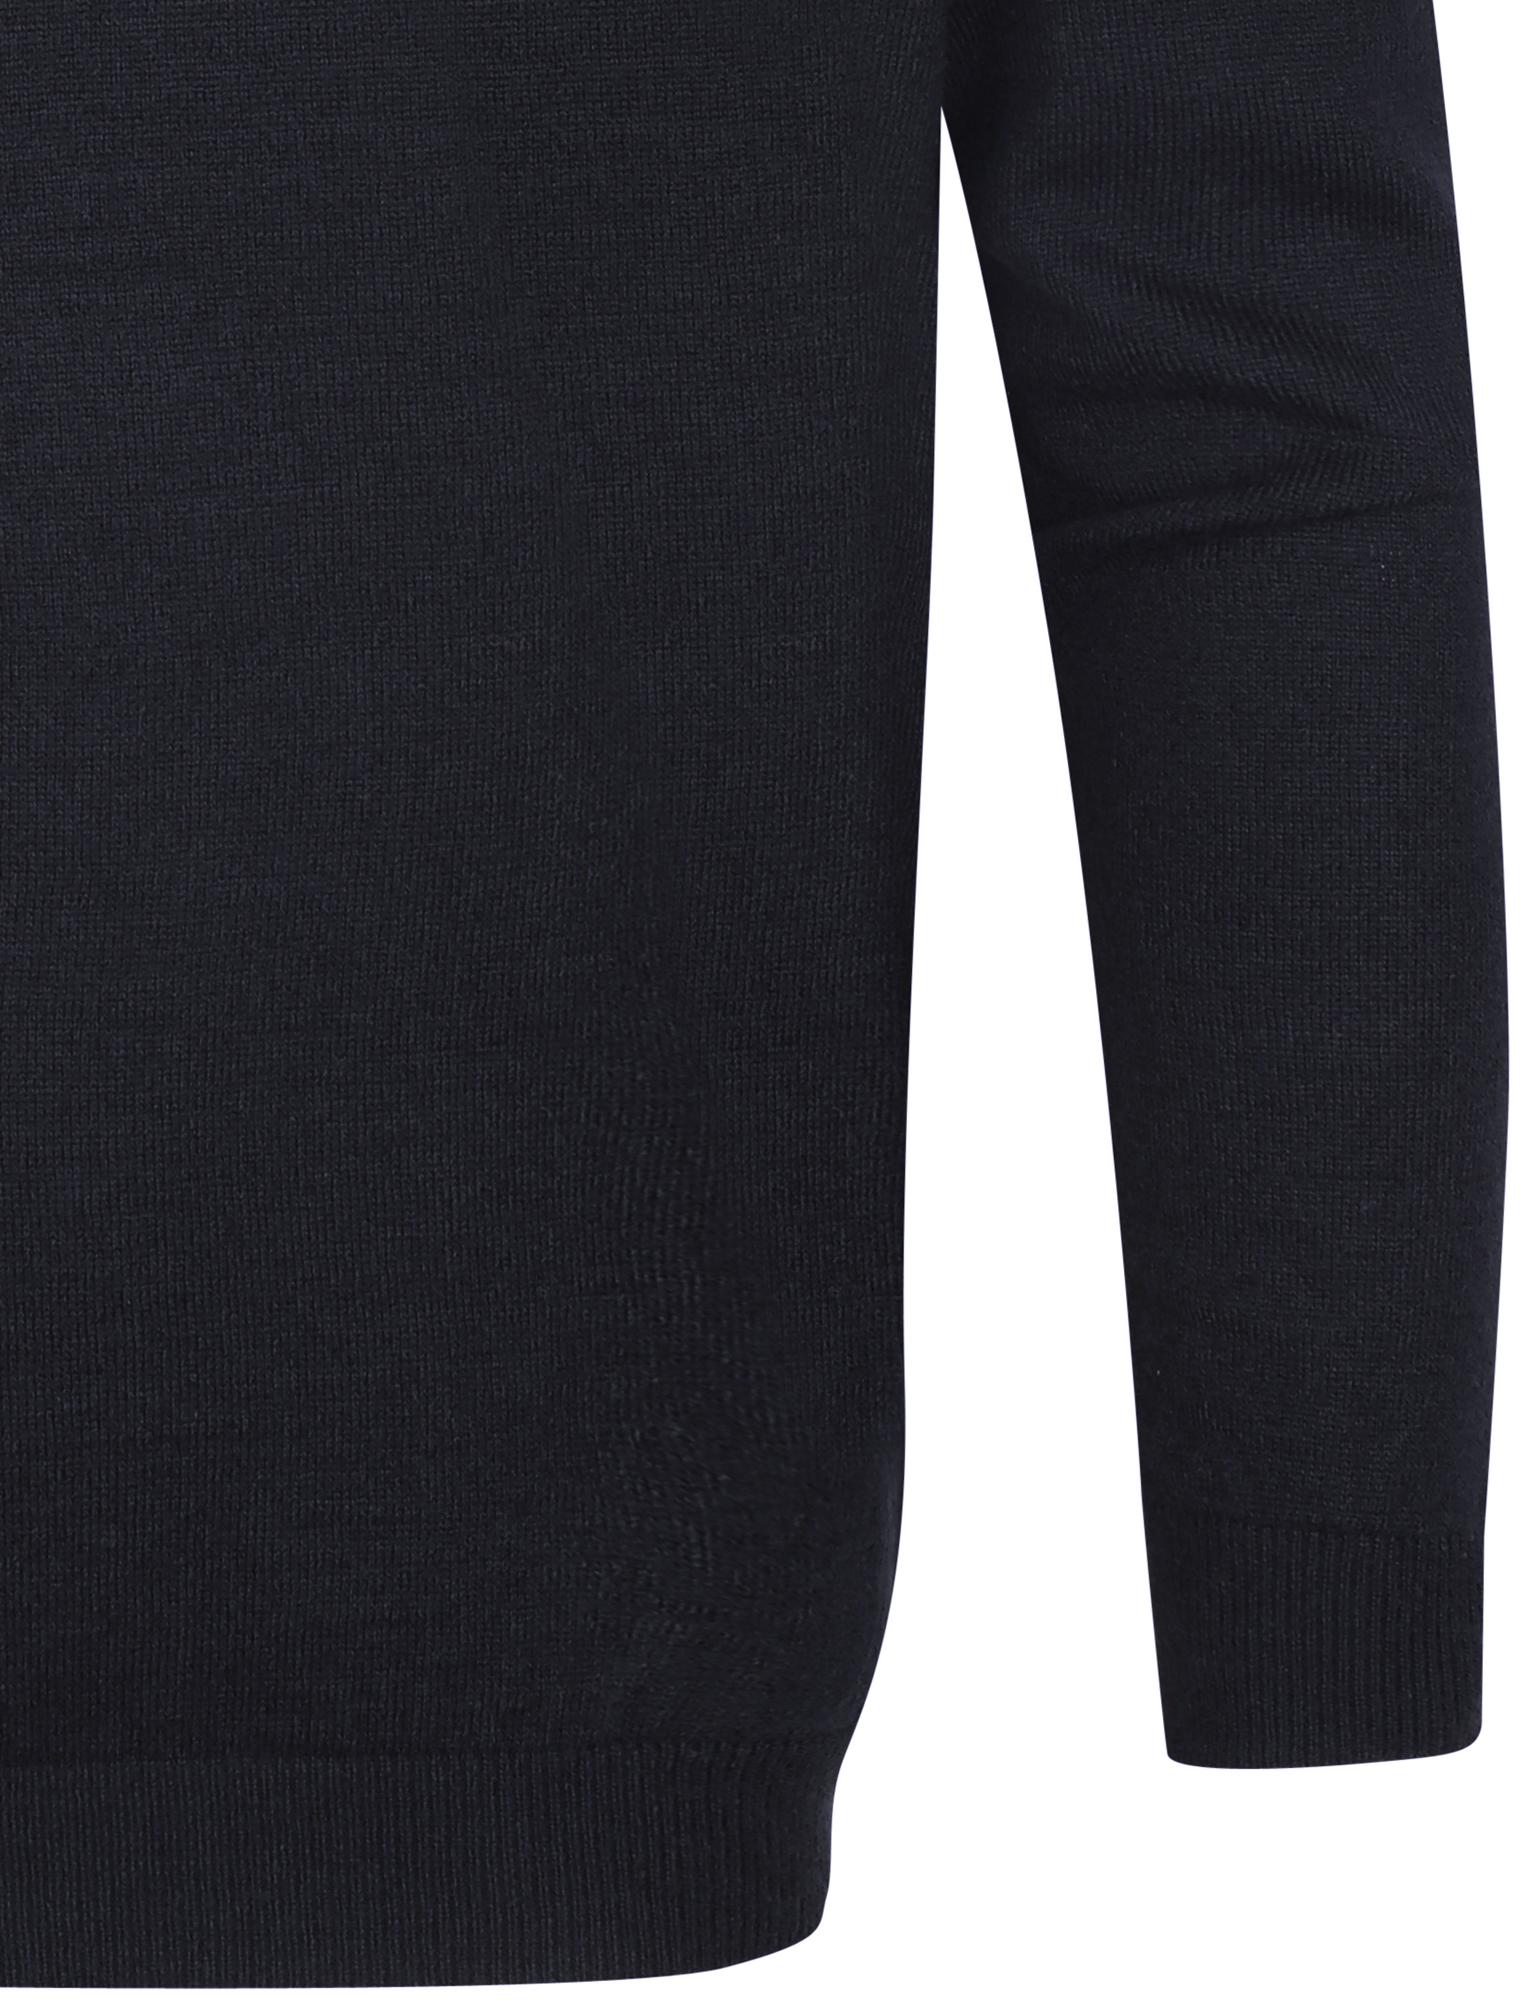 Kensington-Eastside-Men-039-s-Knitted-Crew-or-V-Neck-Jumper-Sweater-Top-Pullover thumbnail 5